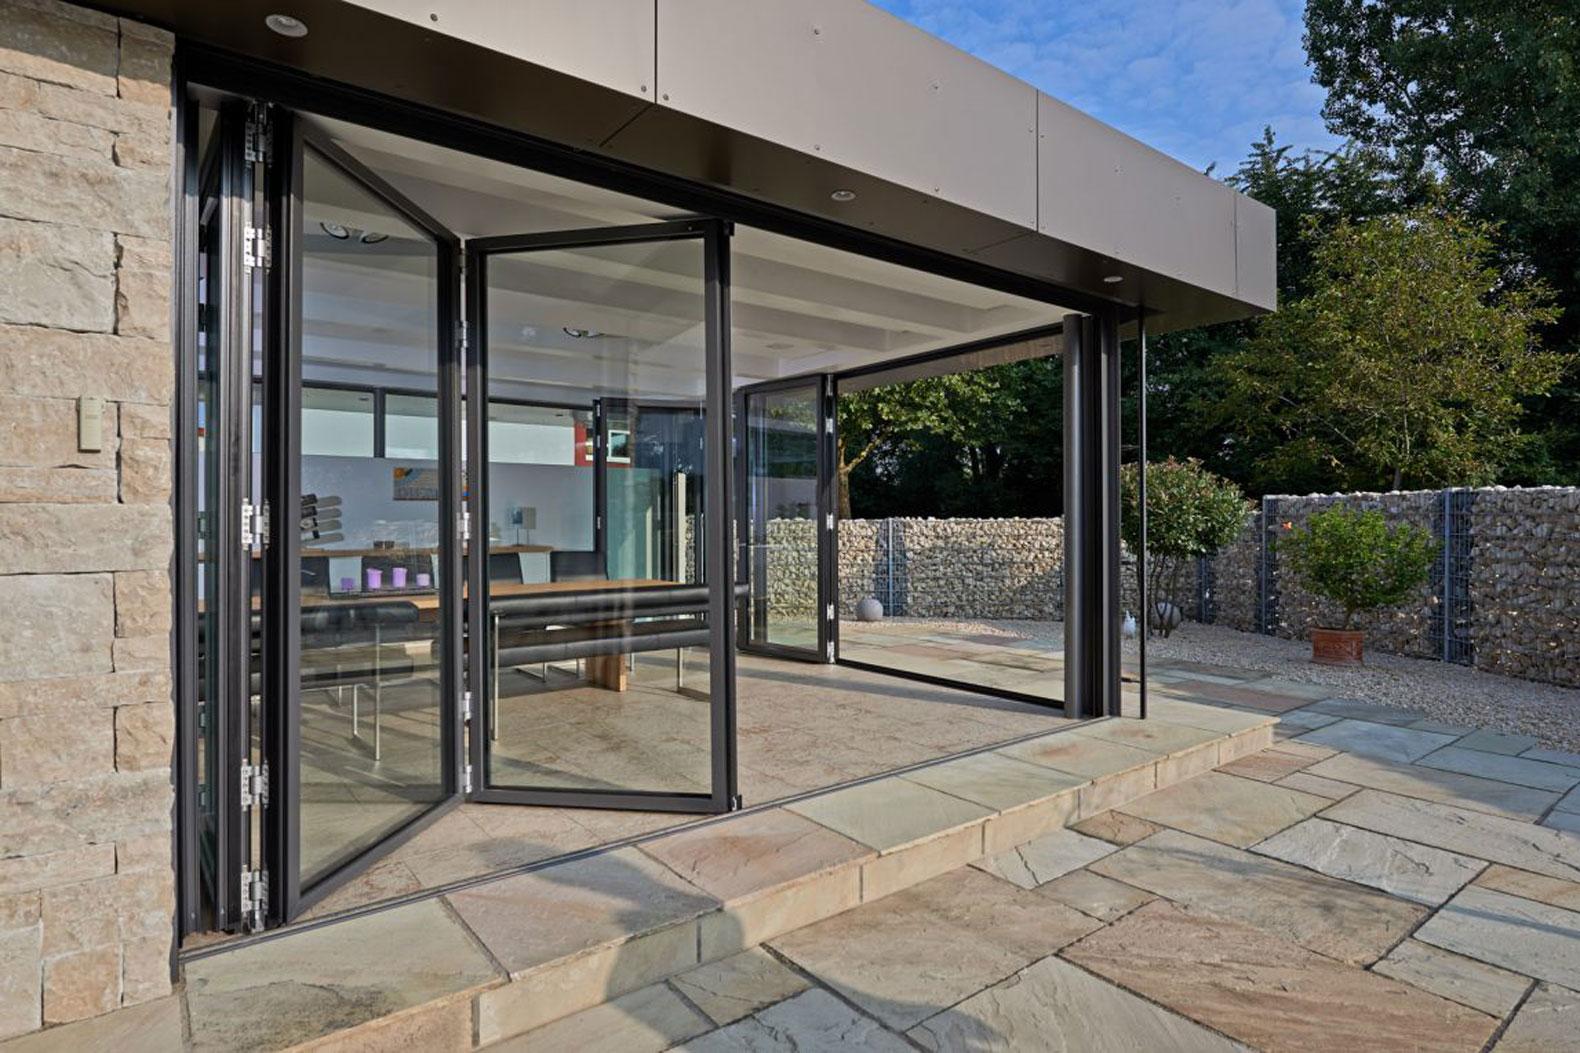 berdachungen terrassend cher vord cher oder glas faltw nde fenster dreher. Black Bedroom Furniture Sets. Home Design Ideas